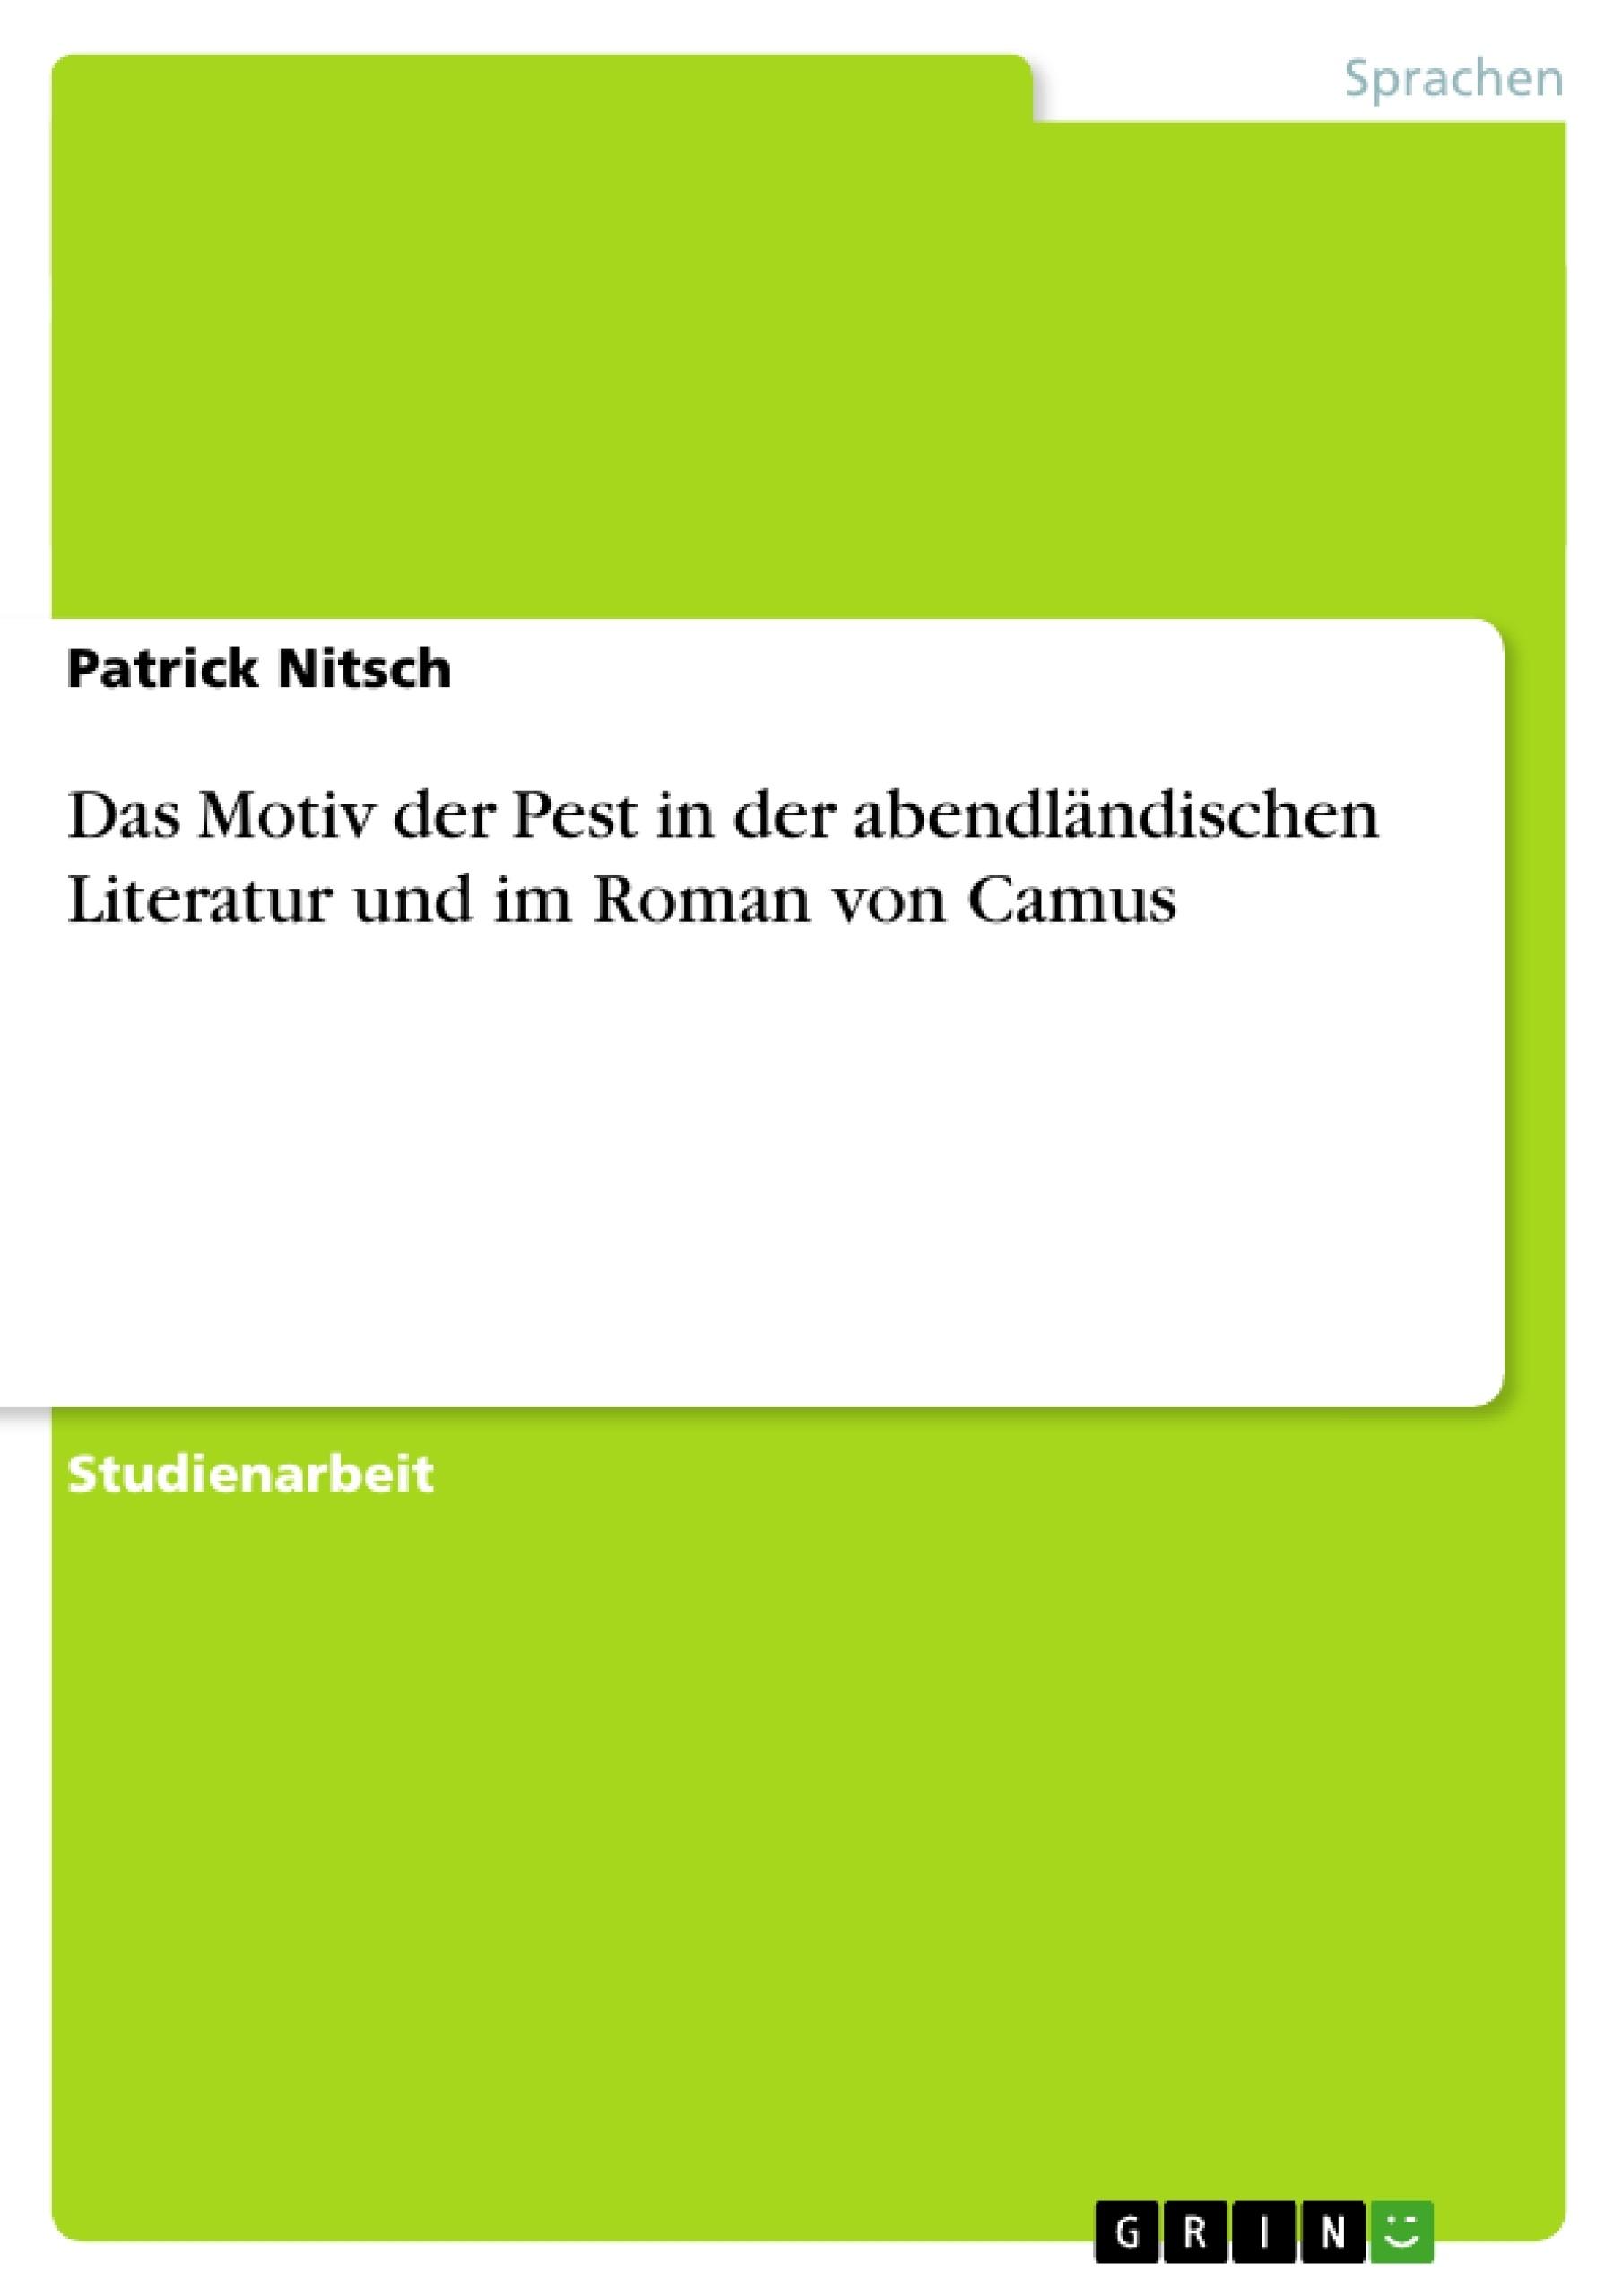 Titel: Das Motiv der Pest in der abendländischen Literatur und im Roman von Camus